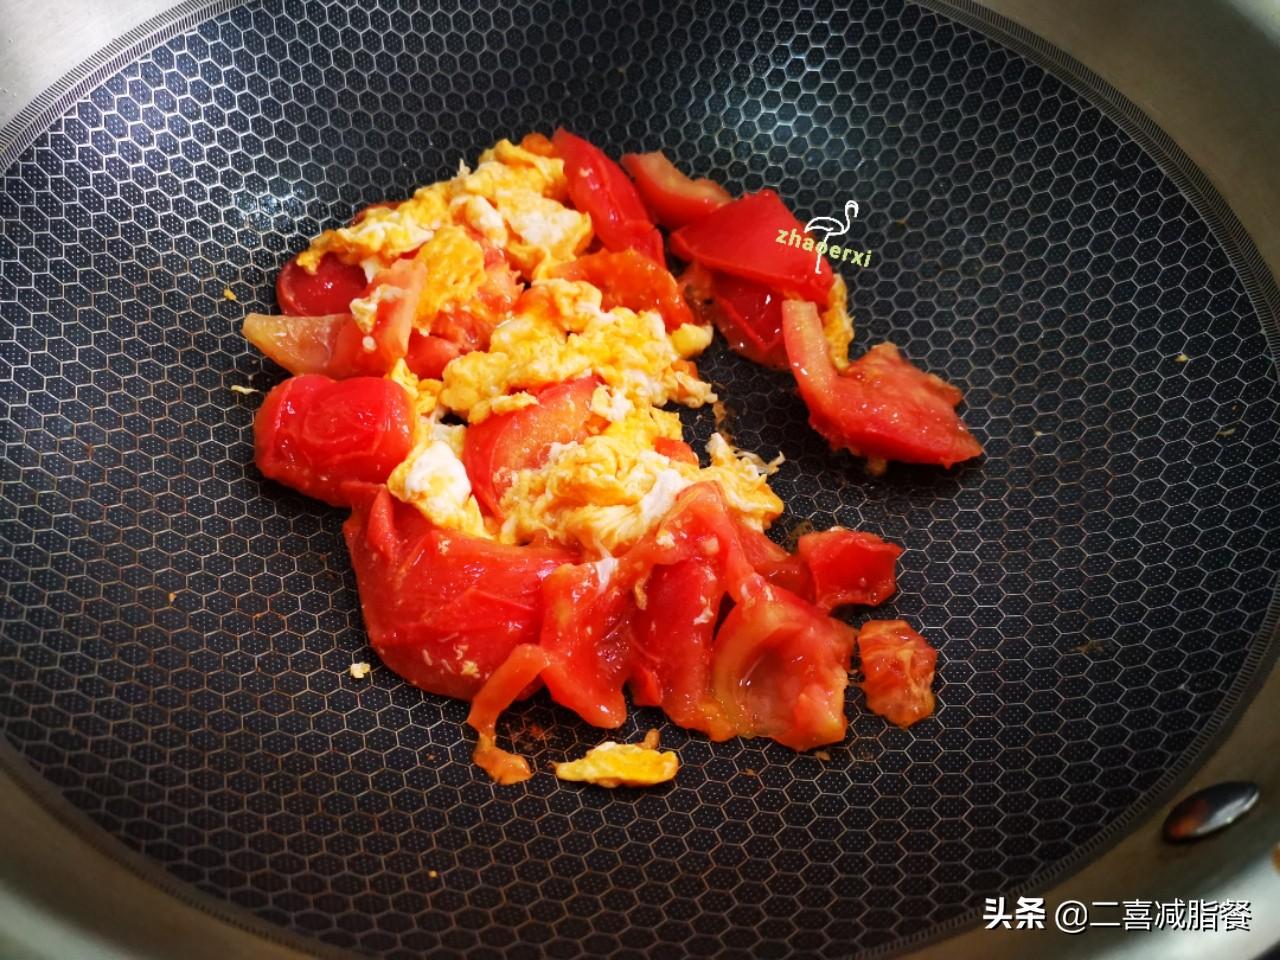 减脂早餐:2大碗的鸡蛋番茄荞麦面,热量310大卡,吃饱才能瘦 减脂餐 第3张